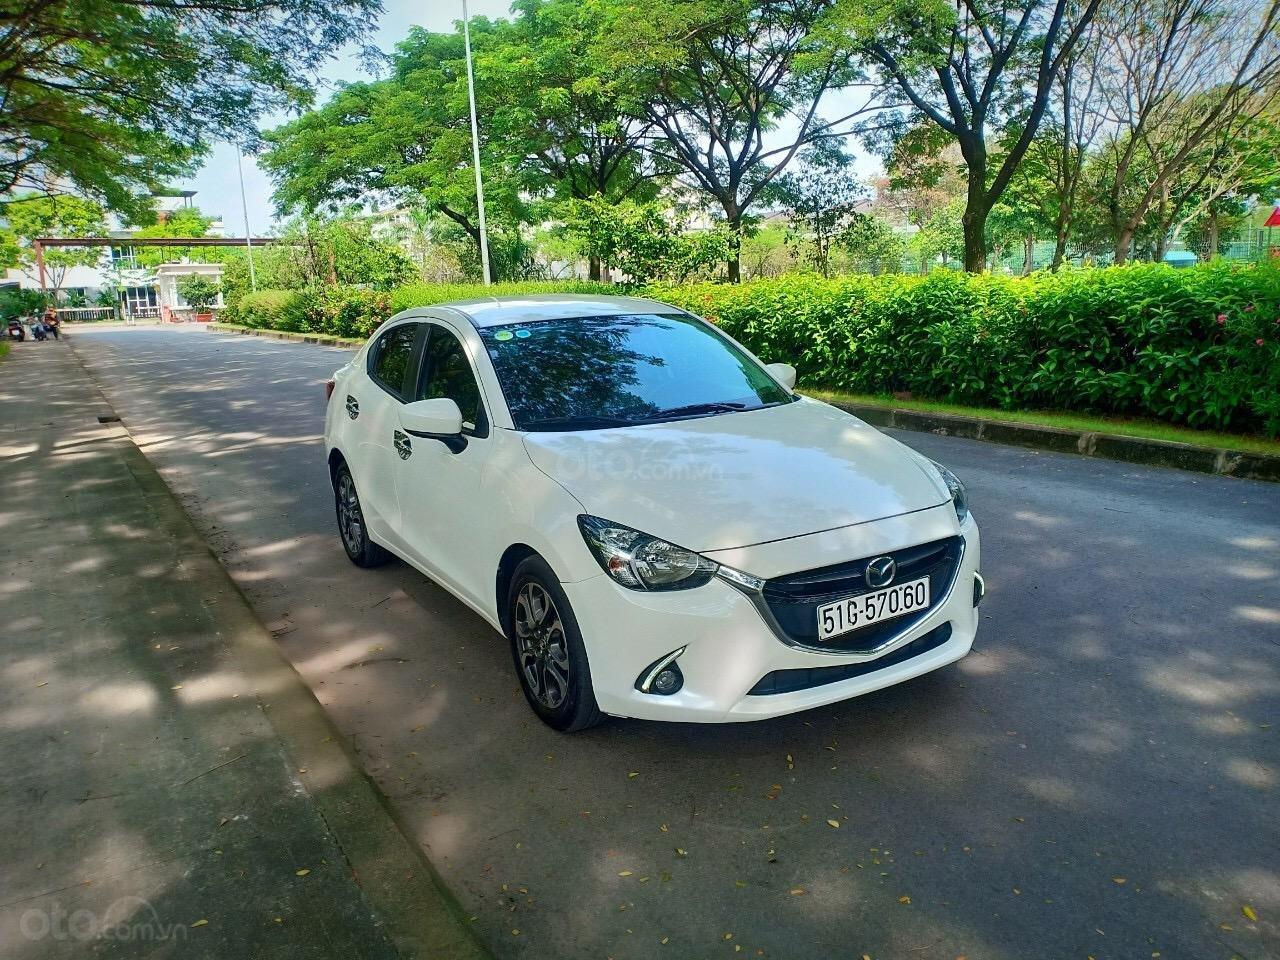 Bán ô tô Mazda 2 sản xuất 2018, xe đi kỹ chưa đâm đụng bán lại 520 (3)